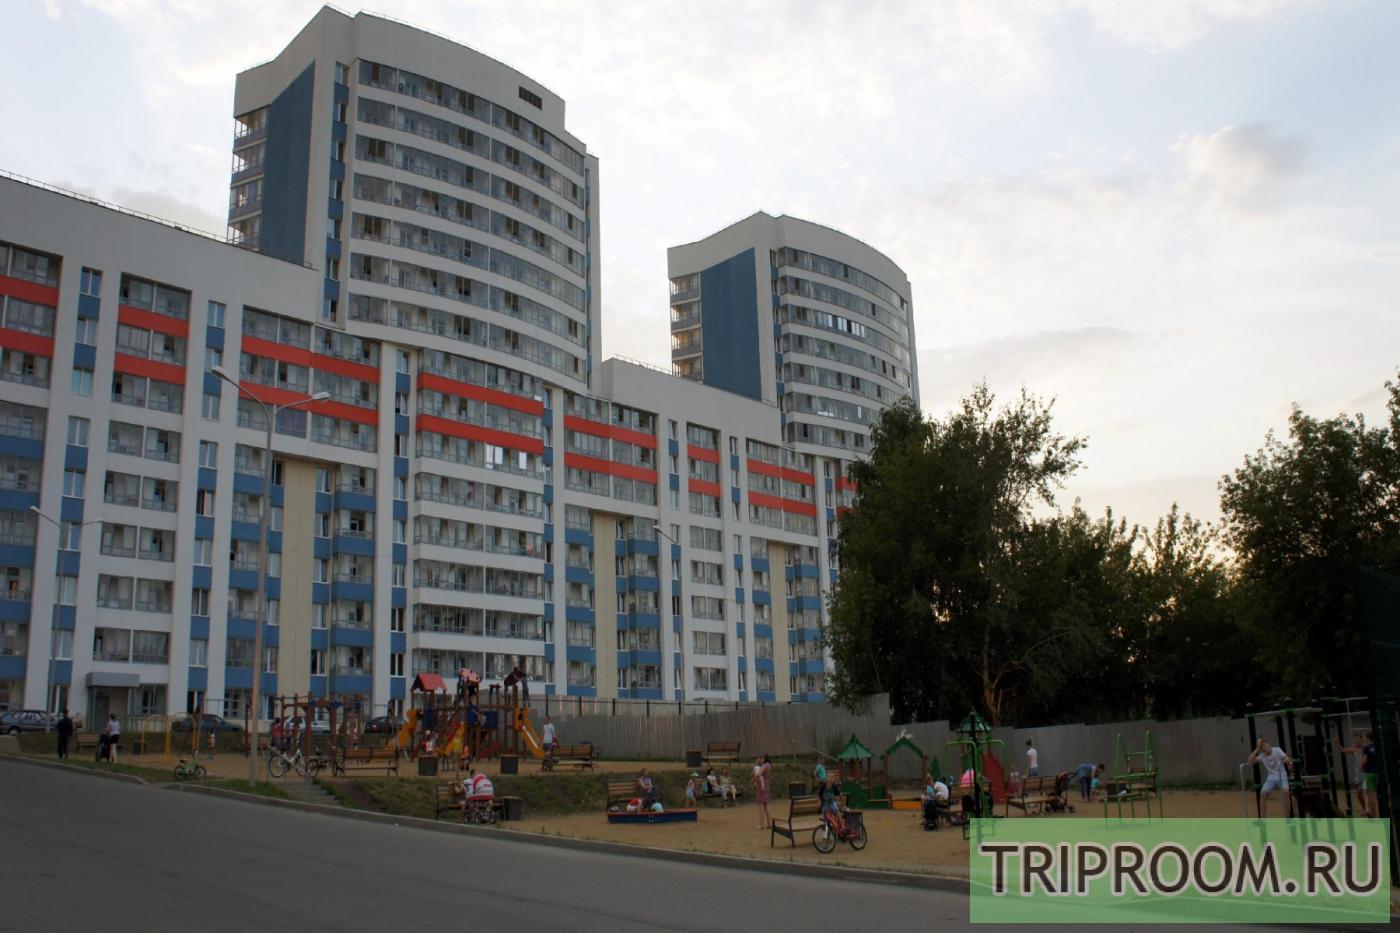 1-комнатная квартира посуточно (вариант № 23100), ул. Московская улица, фото № 17